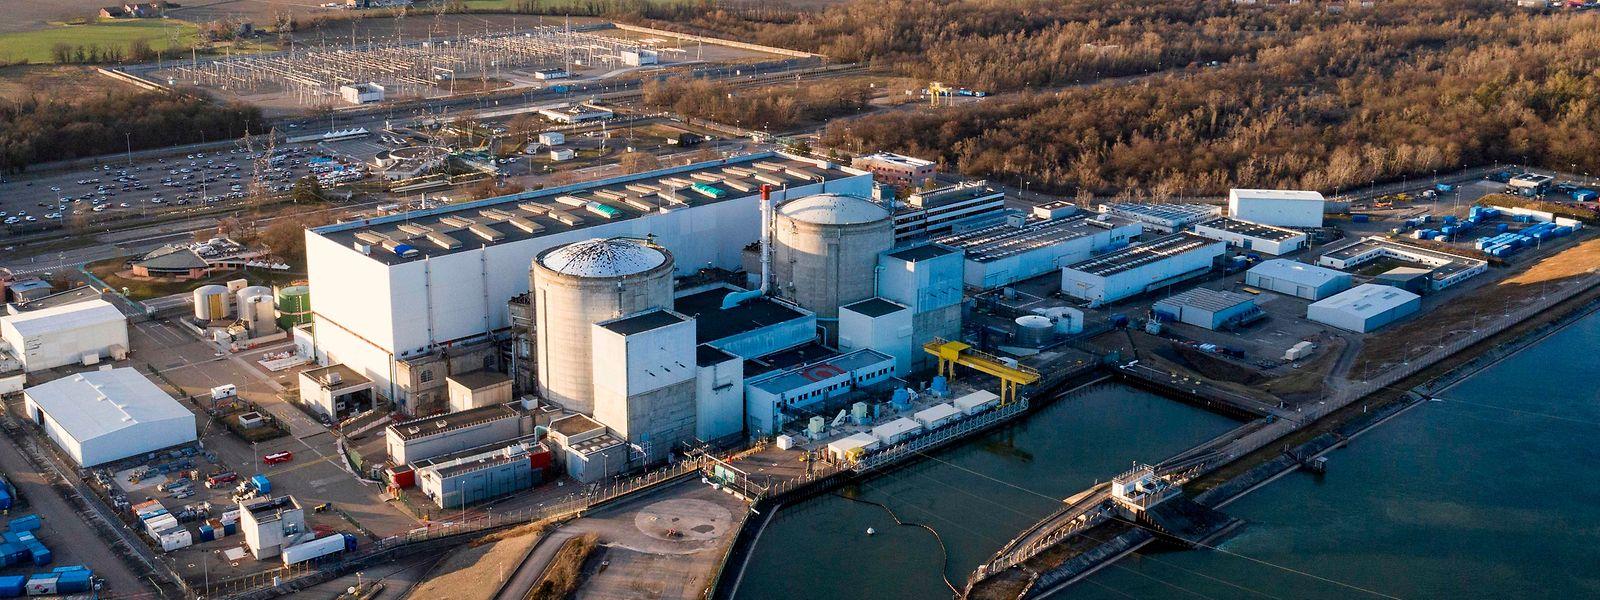 Das Atomkraftwerk Fessenheim in der Nähe der deutsch-französischen Grenze.